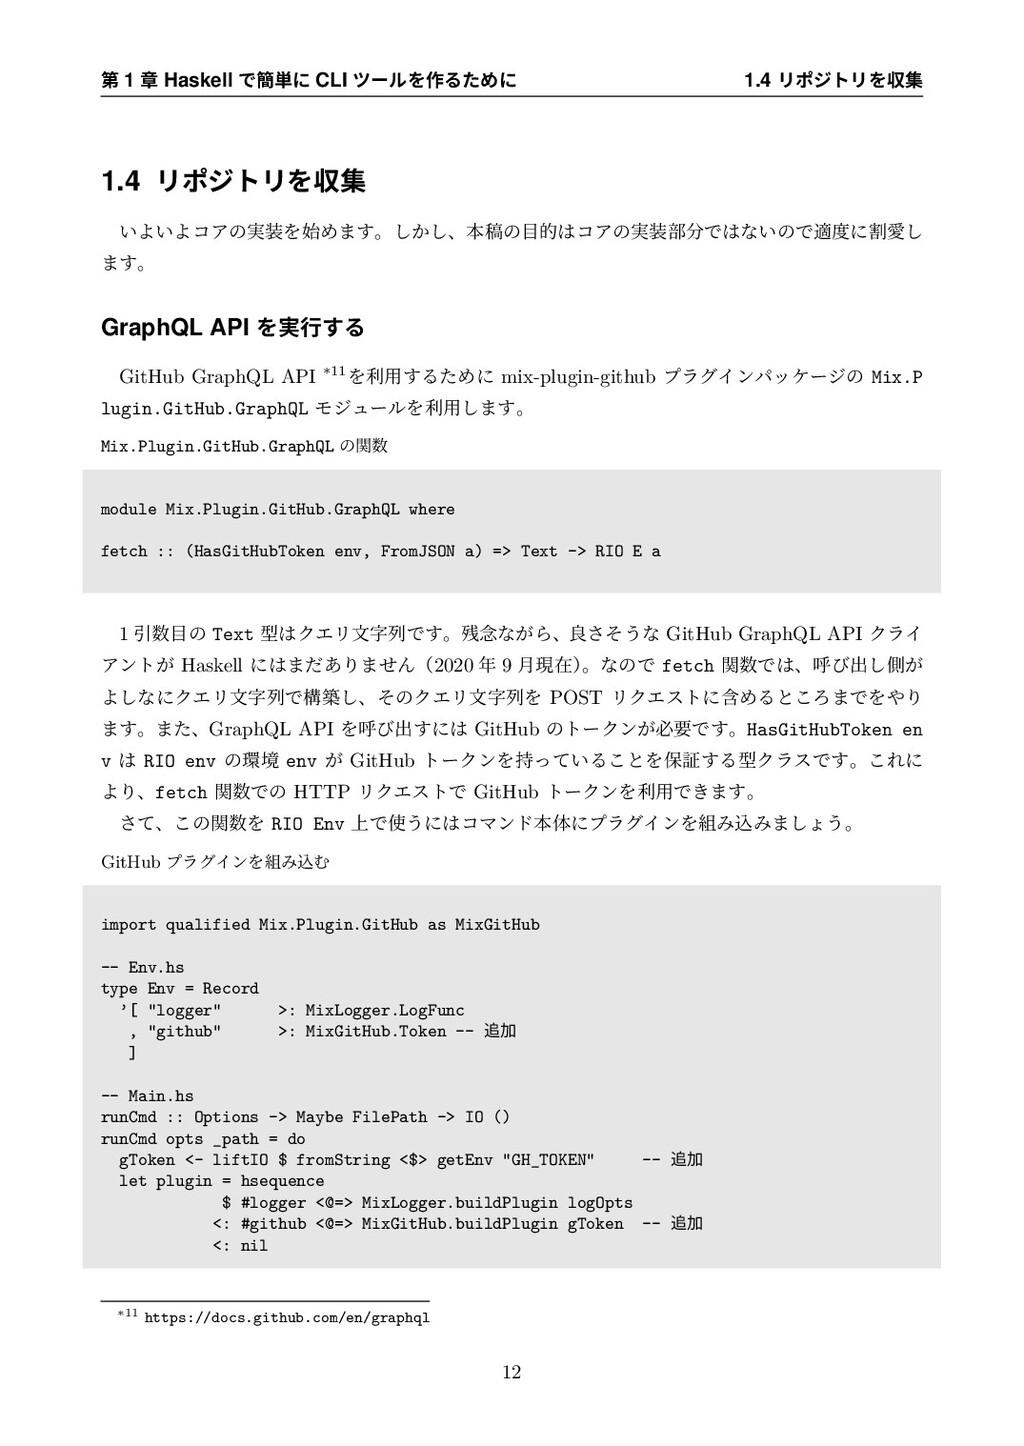 ୈ 1 ষ Haskell Ͱ؆୯ʹ CLI πʔϧΛ࡞ΔͨΊʹ 1.4 ϦϙδτϦΛऩू 1...